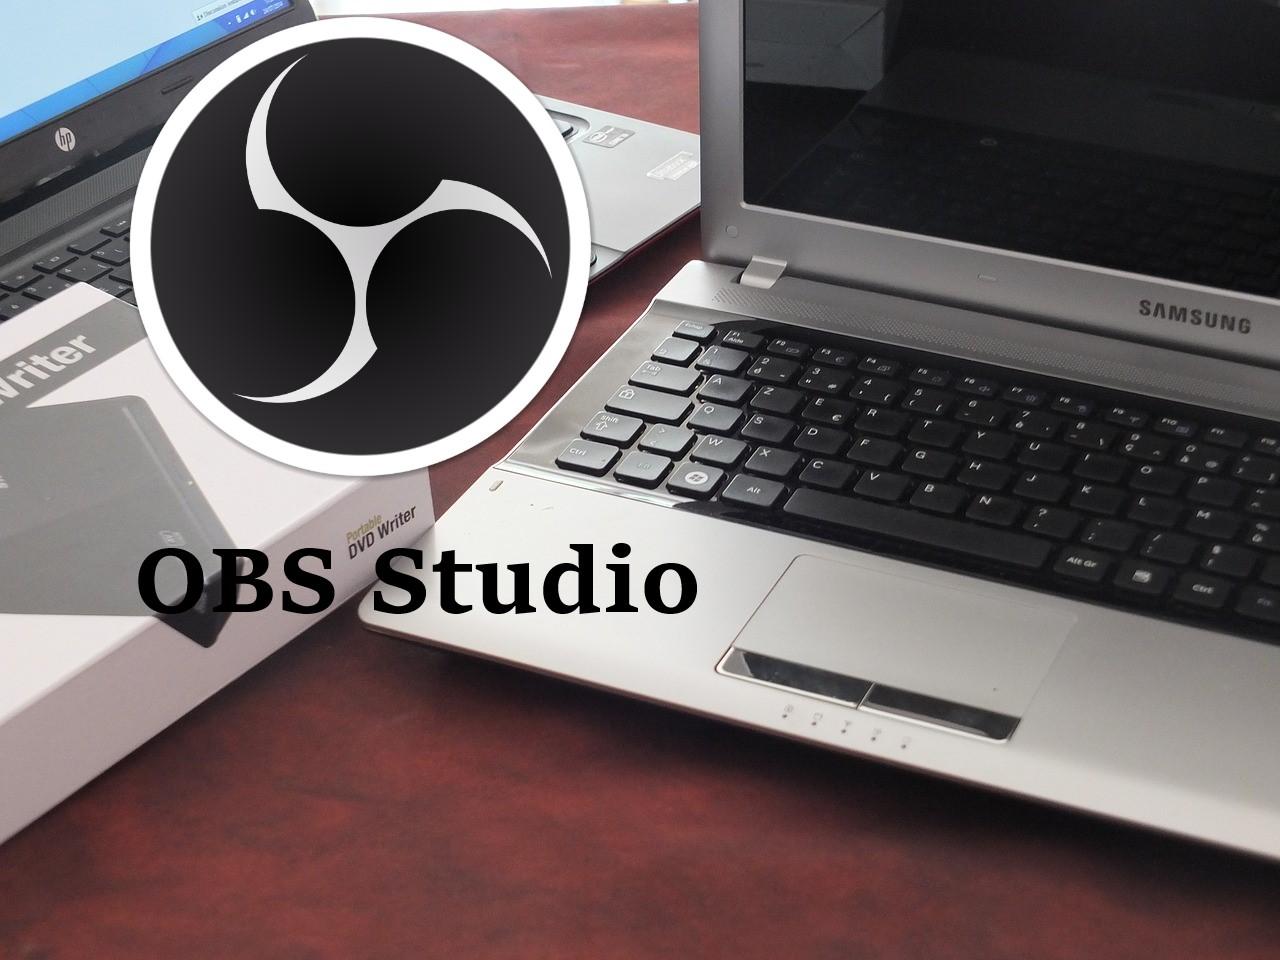 OBS를 이용한 나만의 수업 디딤 영상 만들기(1기)